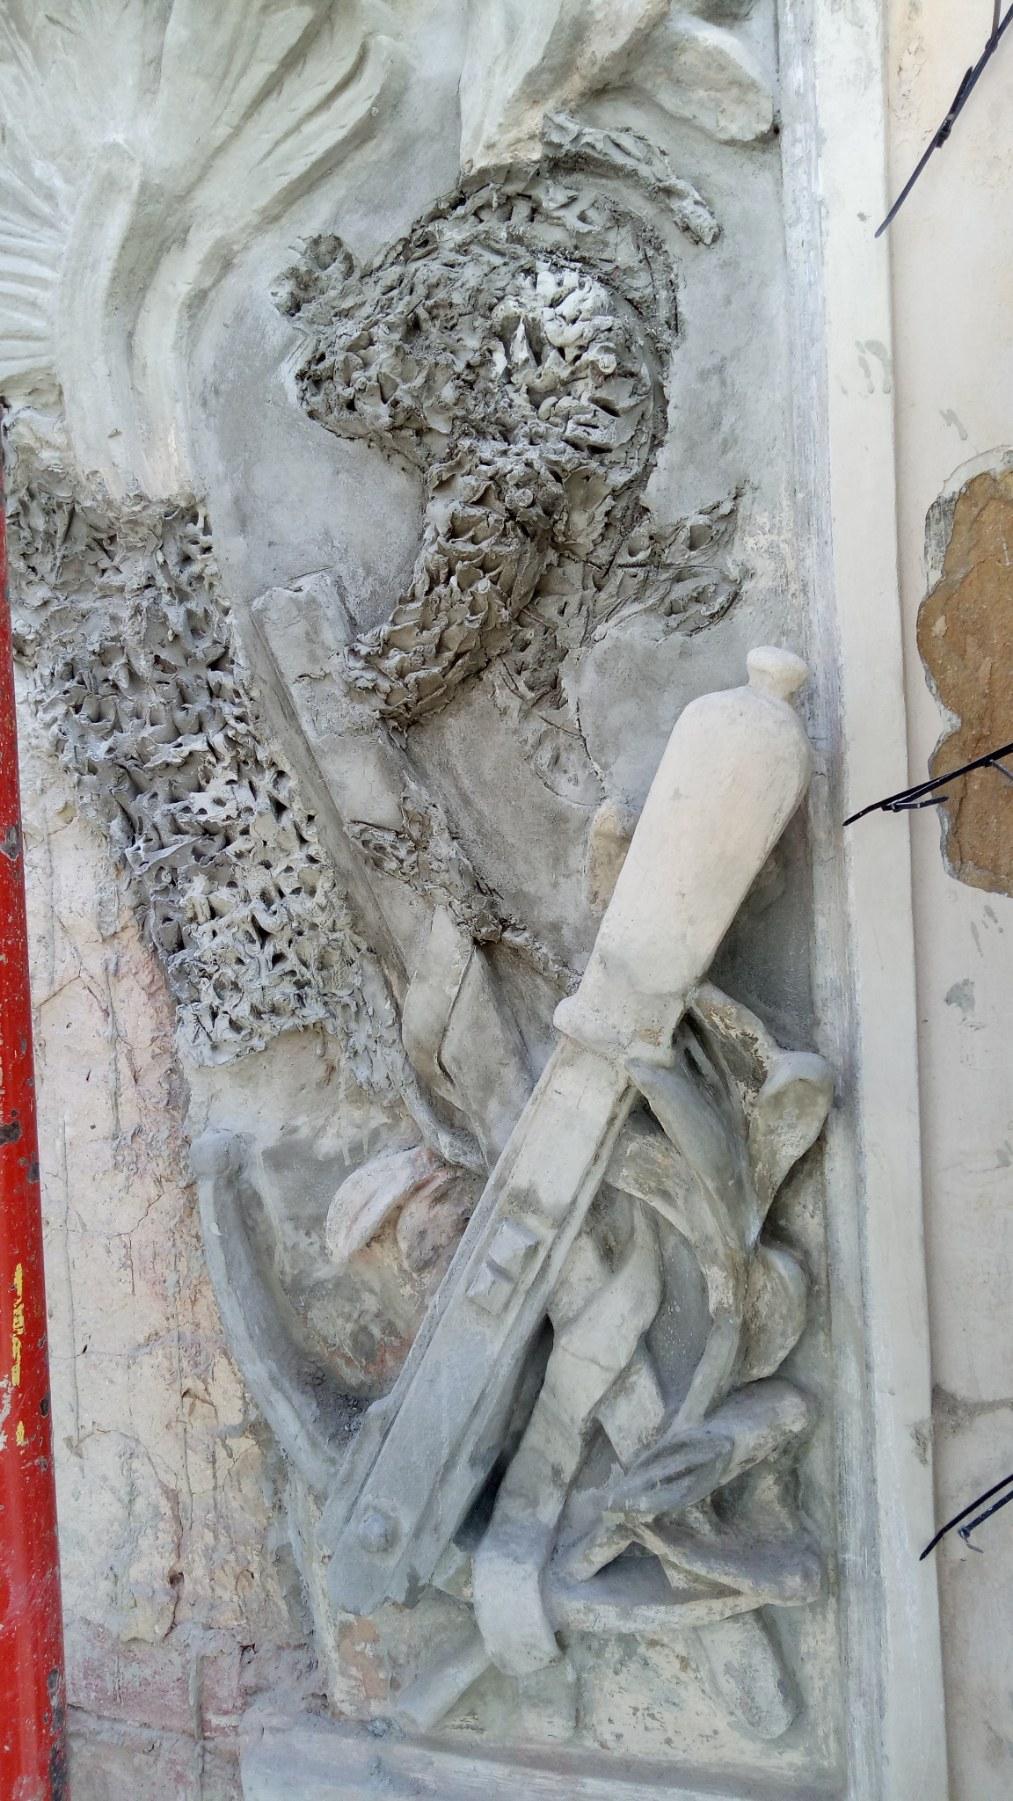 kopernyka 15 4 - Палац Потоцьких: Як реставрують пам'ятку в стилі французького класицизму